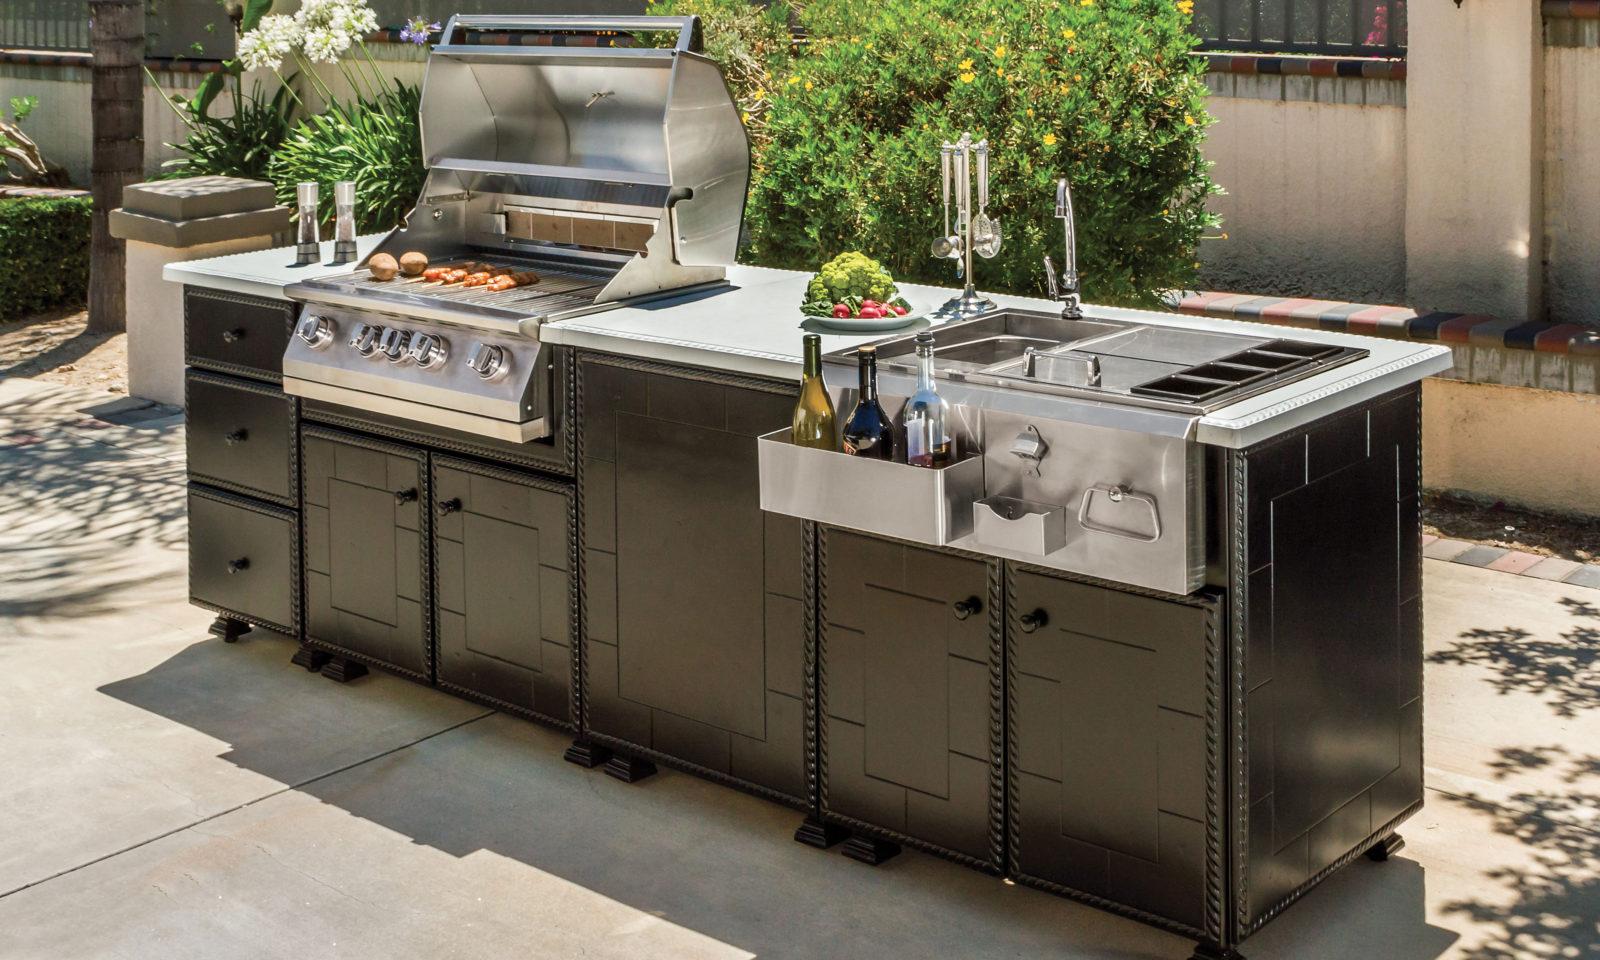 outdoor kitchen griddle discount chairs lion premium grills newsletter  december 2016 issue 39